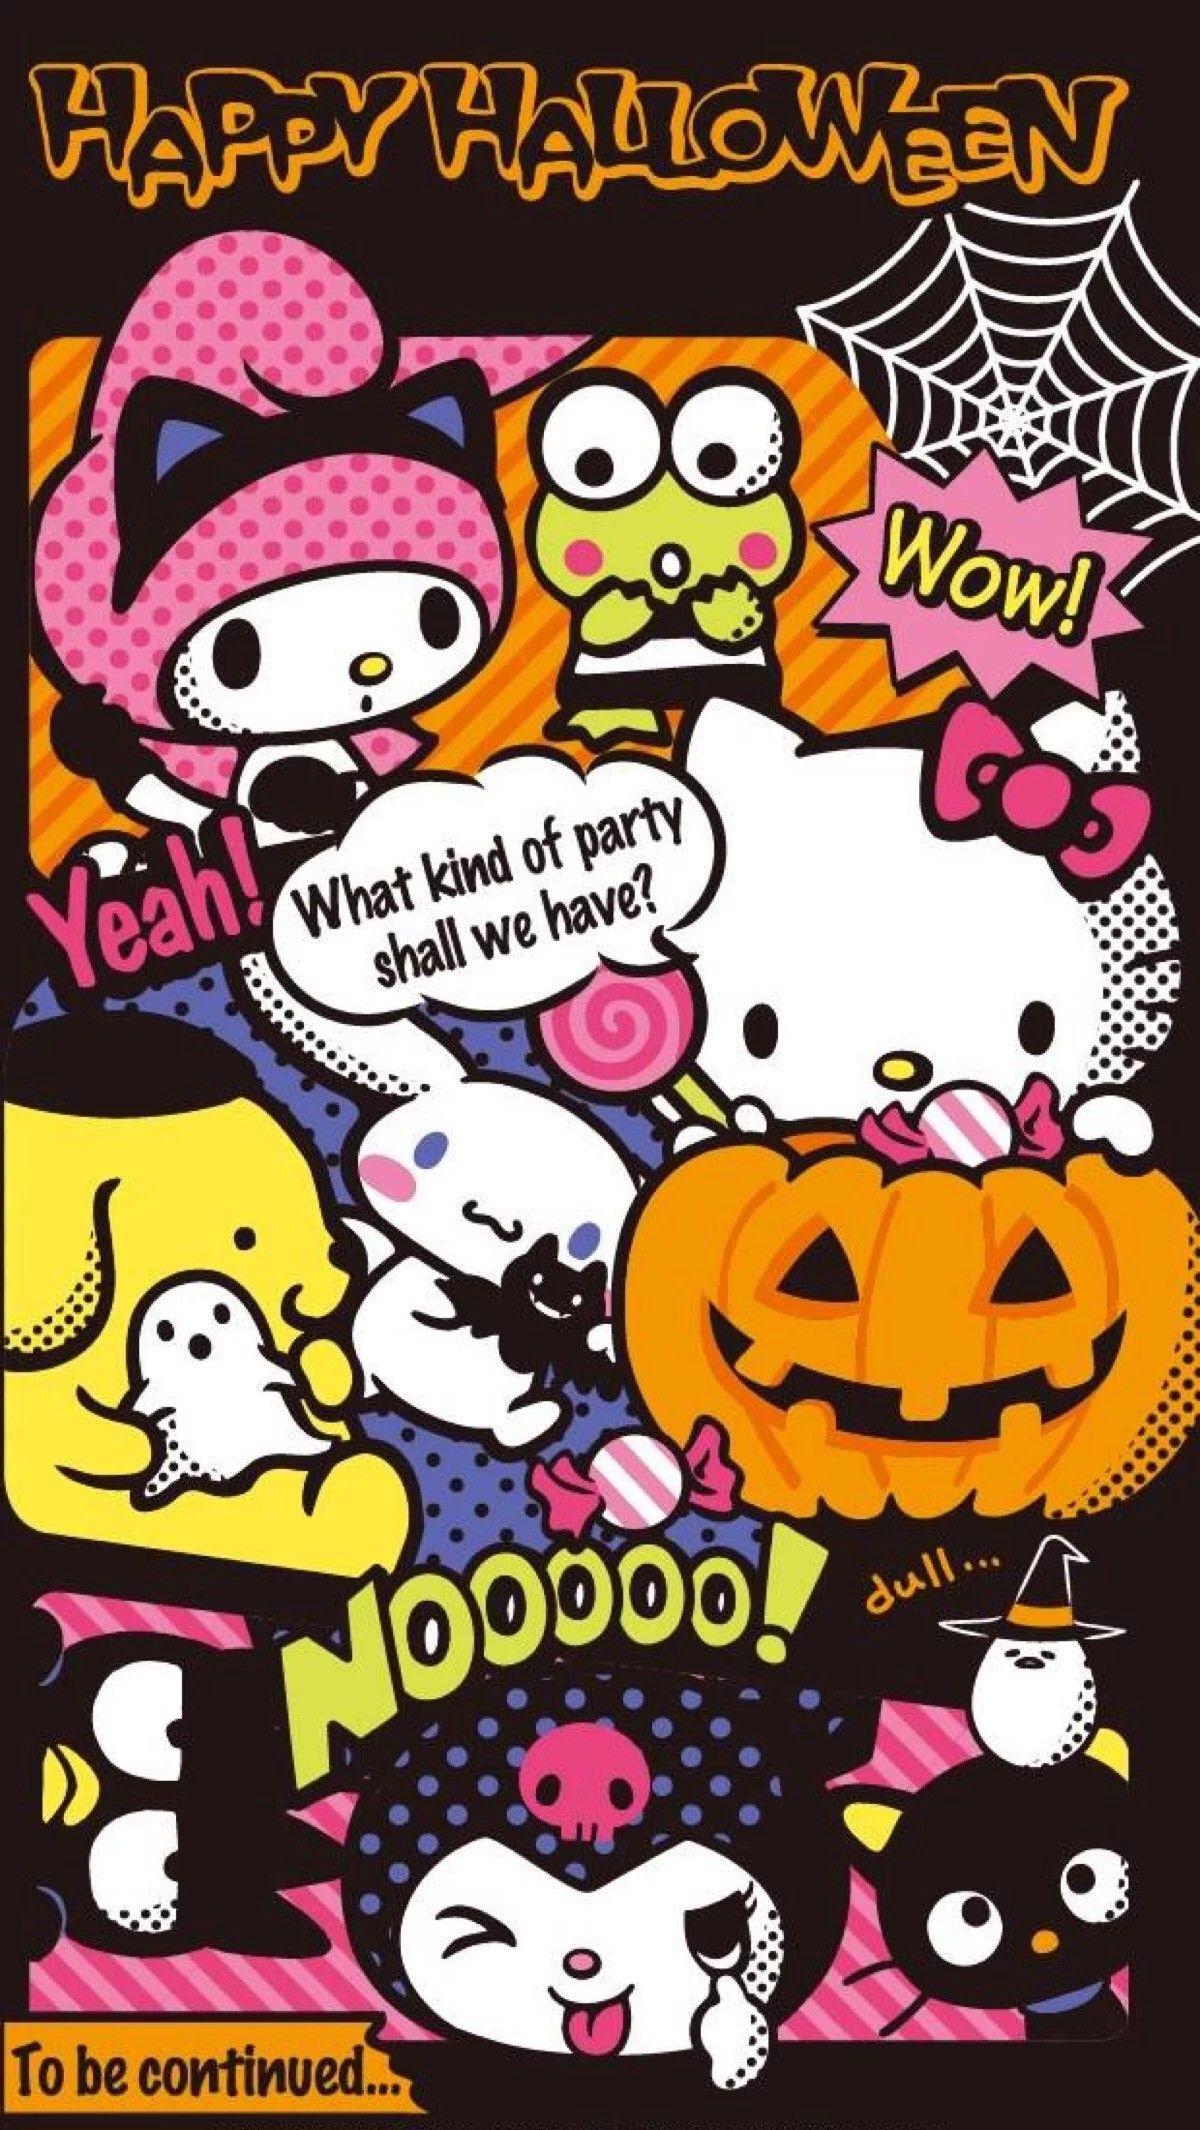 Ipad Kawaii Halloween Wallpapers Wallpaper Cave